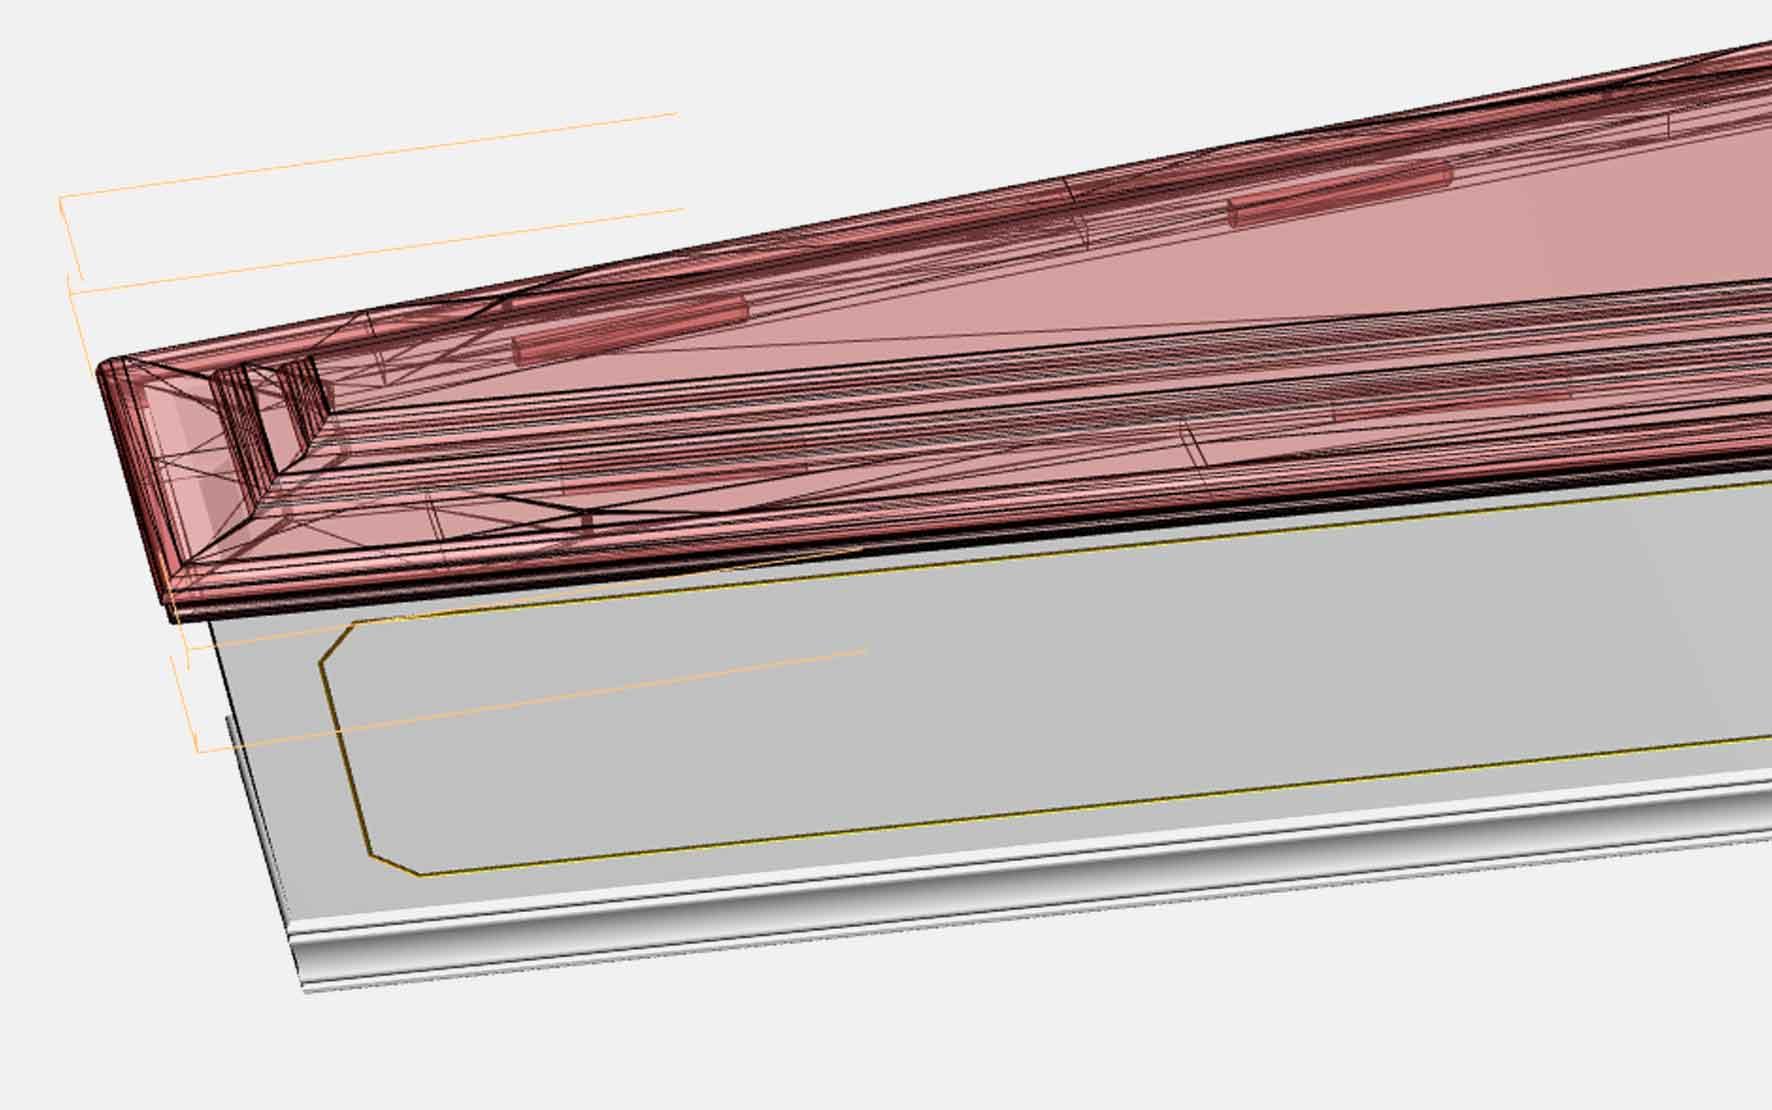 3D CAD drawing 3